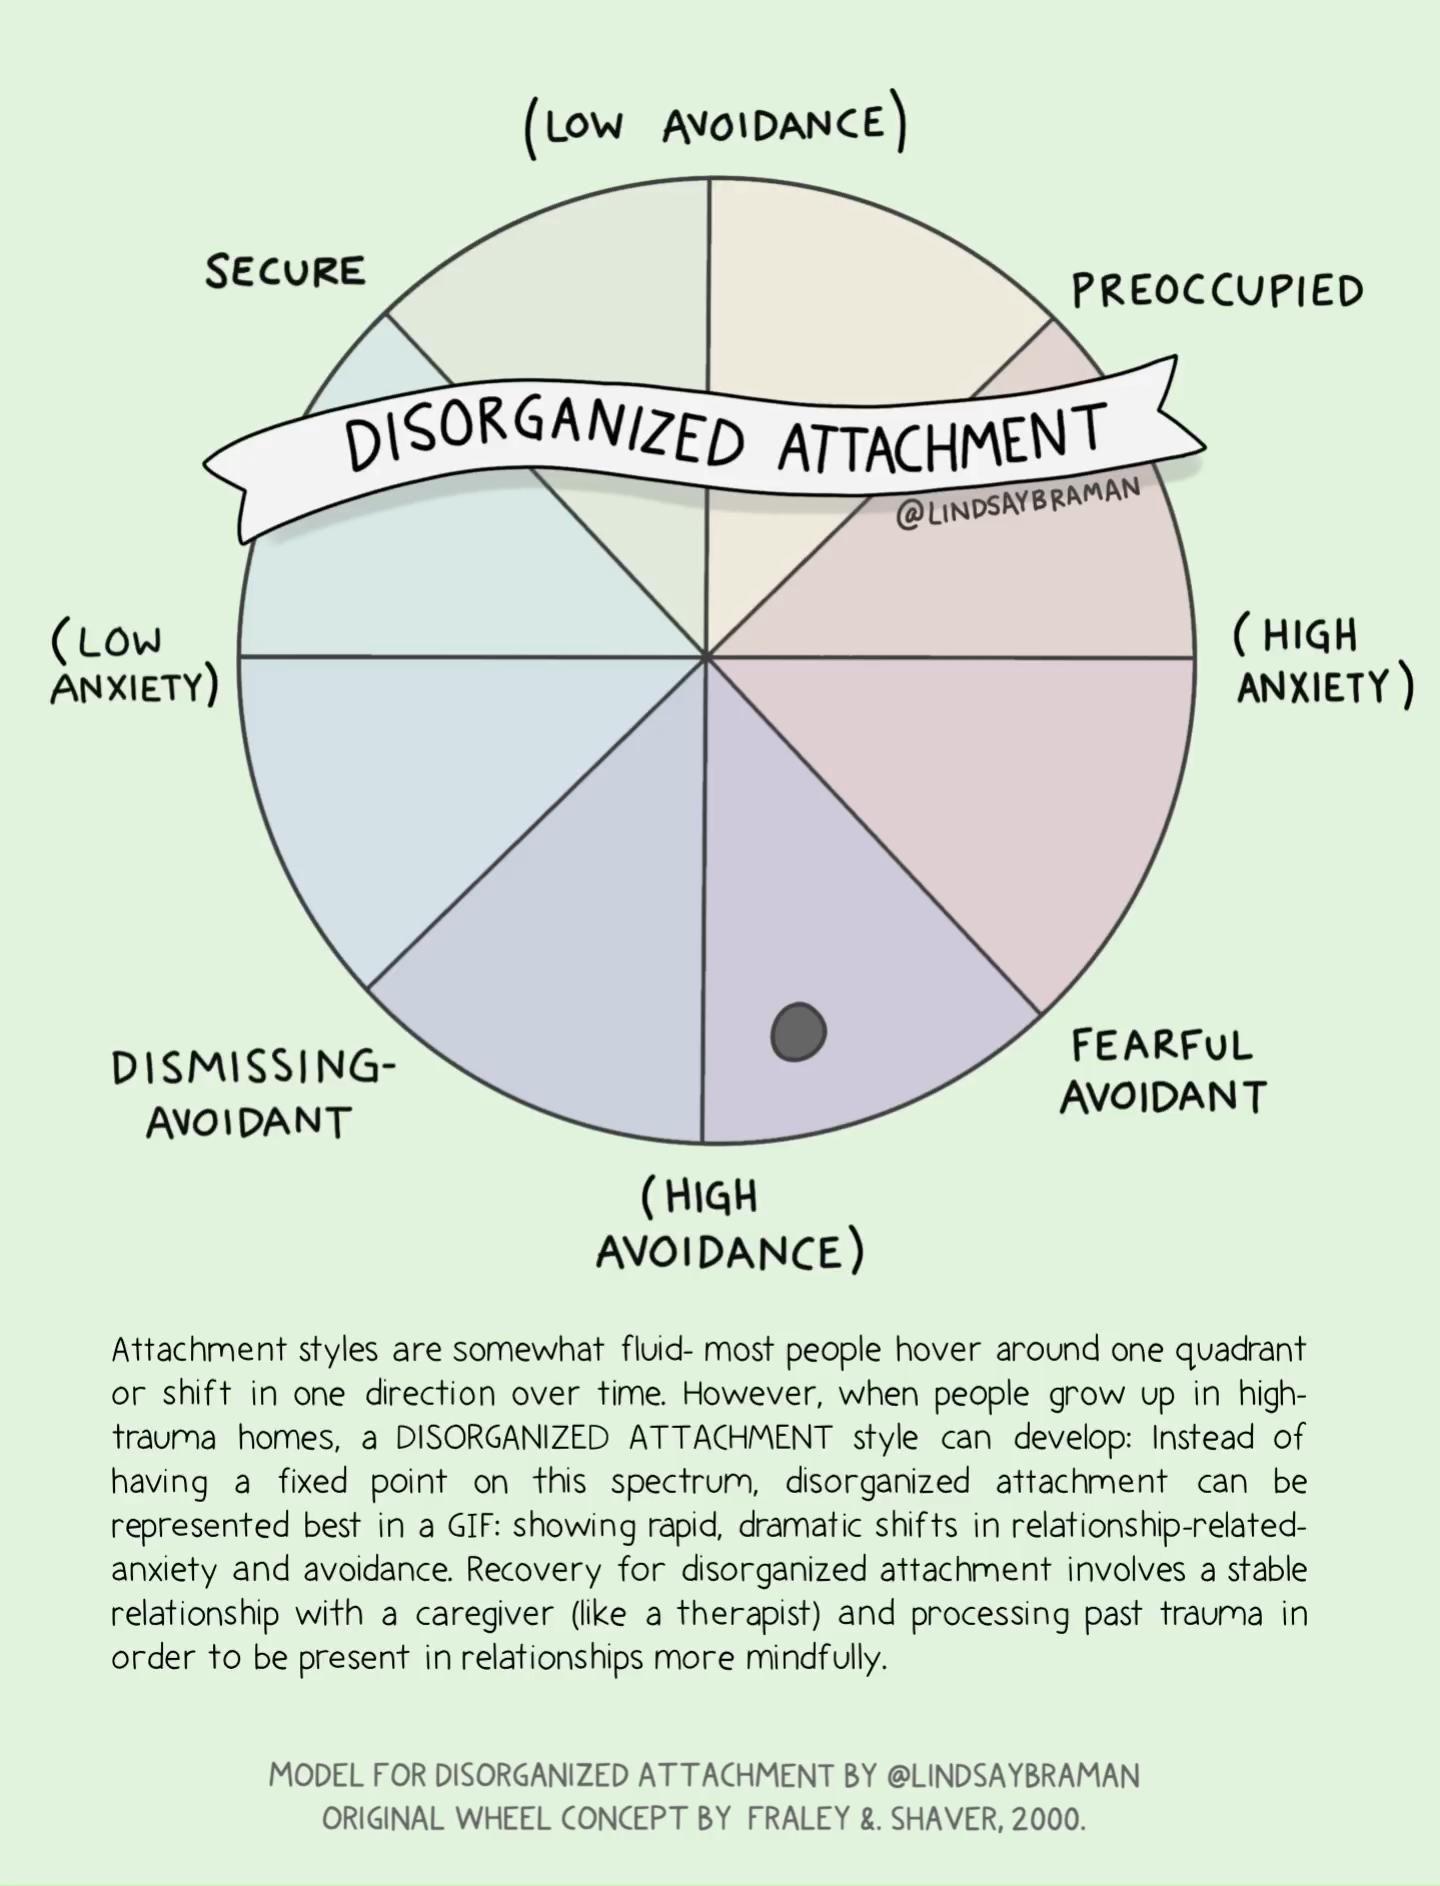 Visual Model for Disorganized Attachment